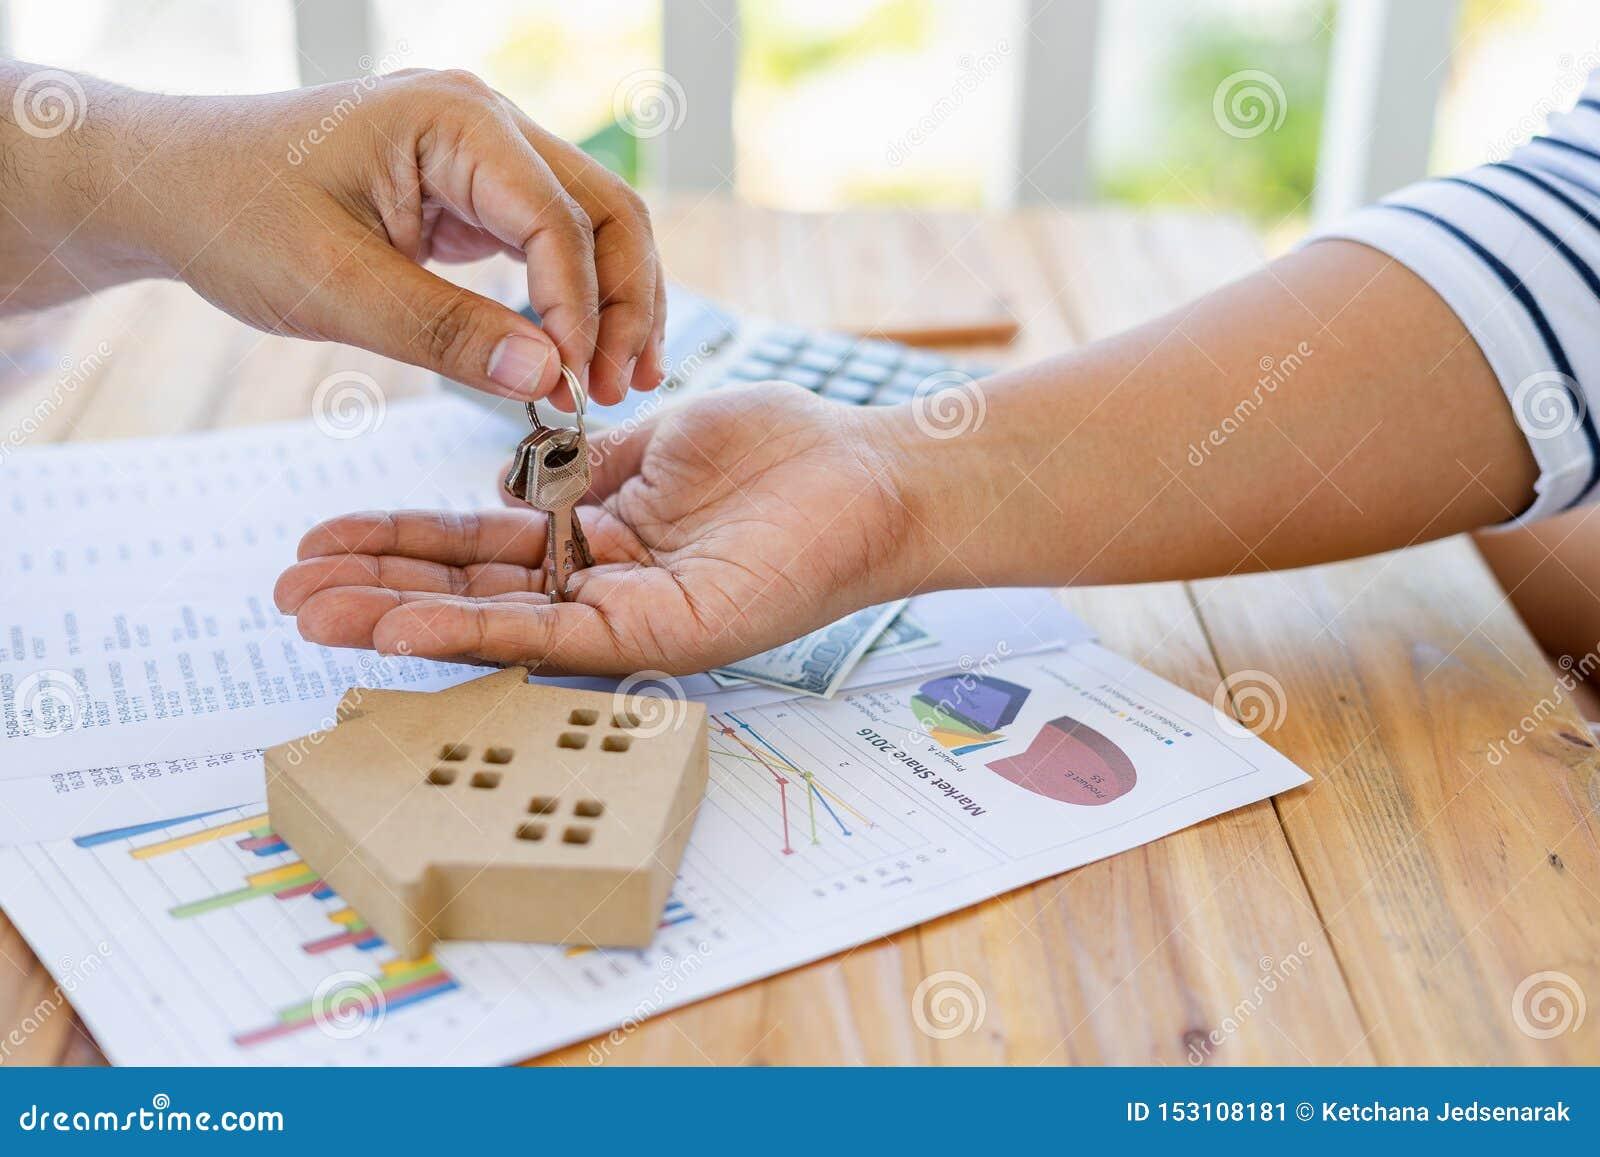 Affären av att låna pengar för att köpa ett hus med finansiella dokument och skattkontroller från en konsulent, när kontrollera